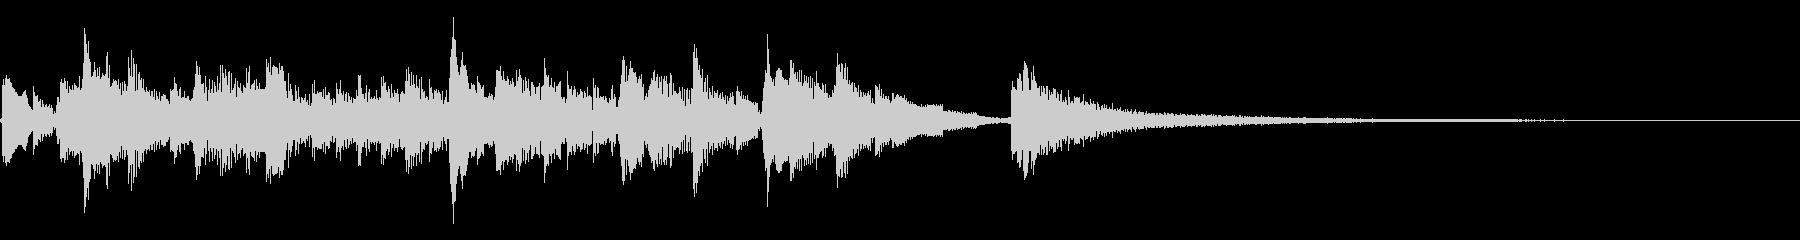 ★アコギ32/サッド、ジングル、ソロの未再生の波形